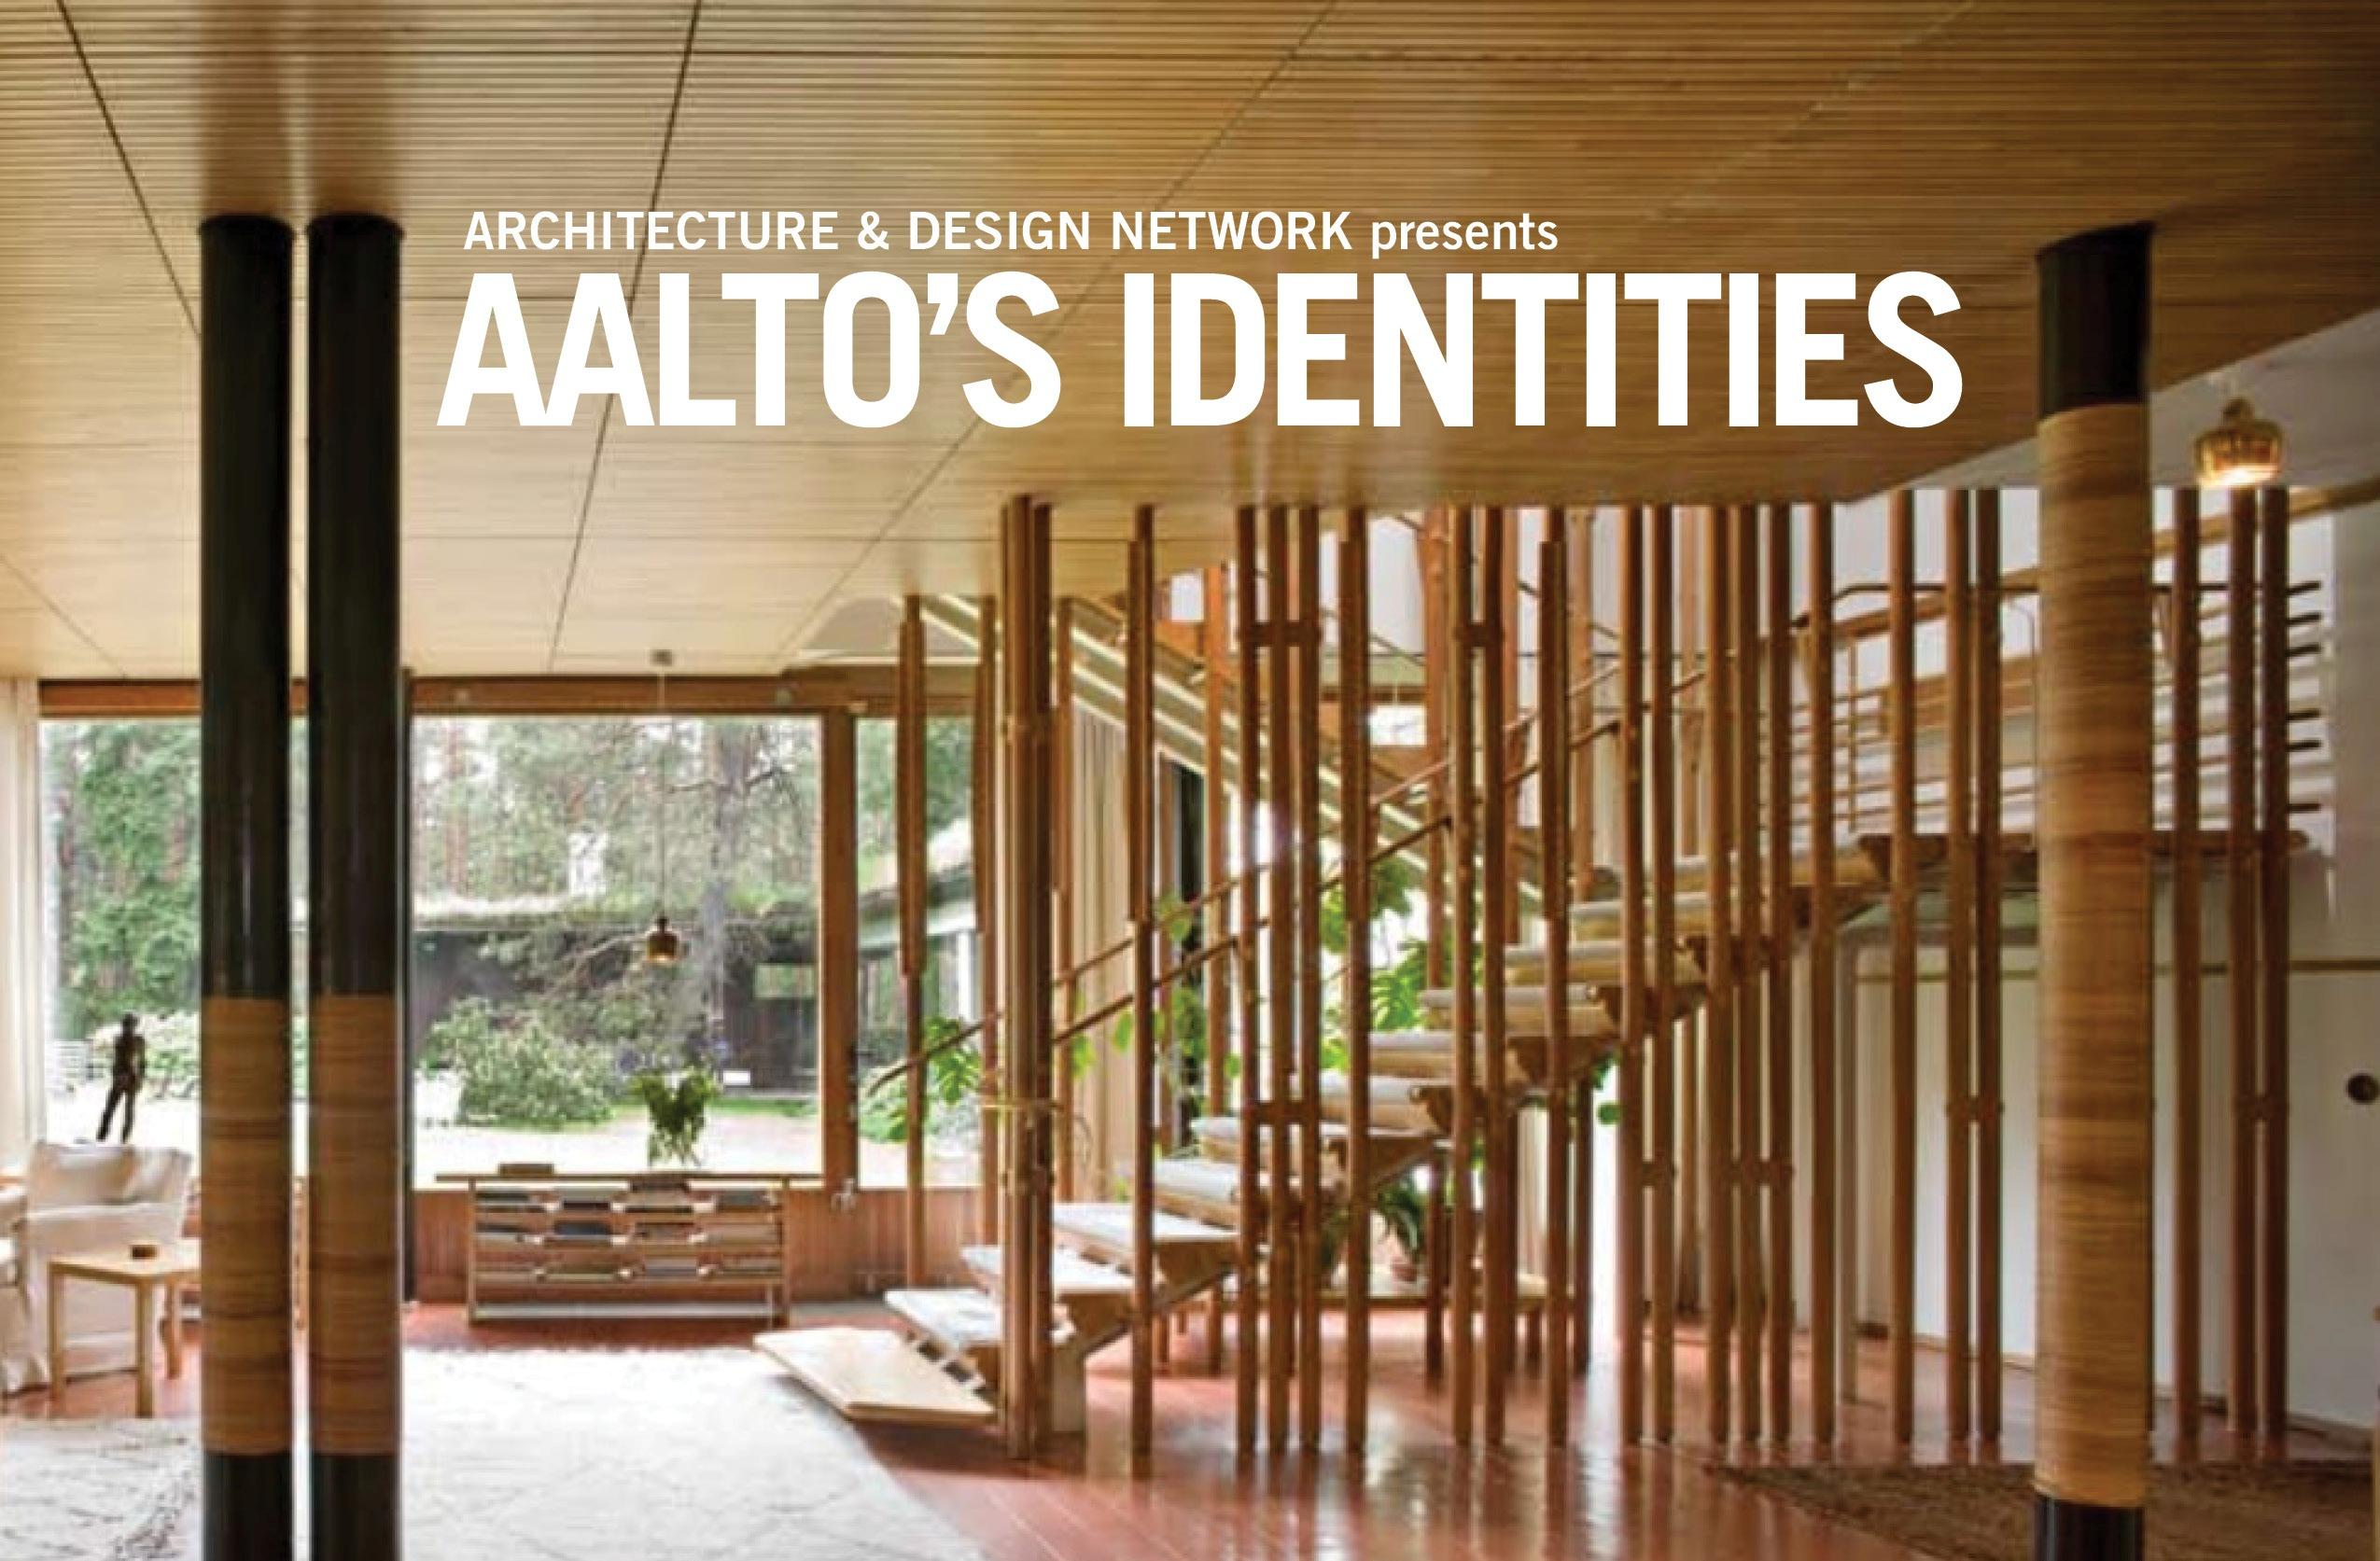 Aalto's Identities 2.10.15